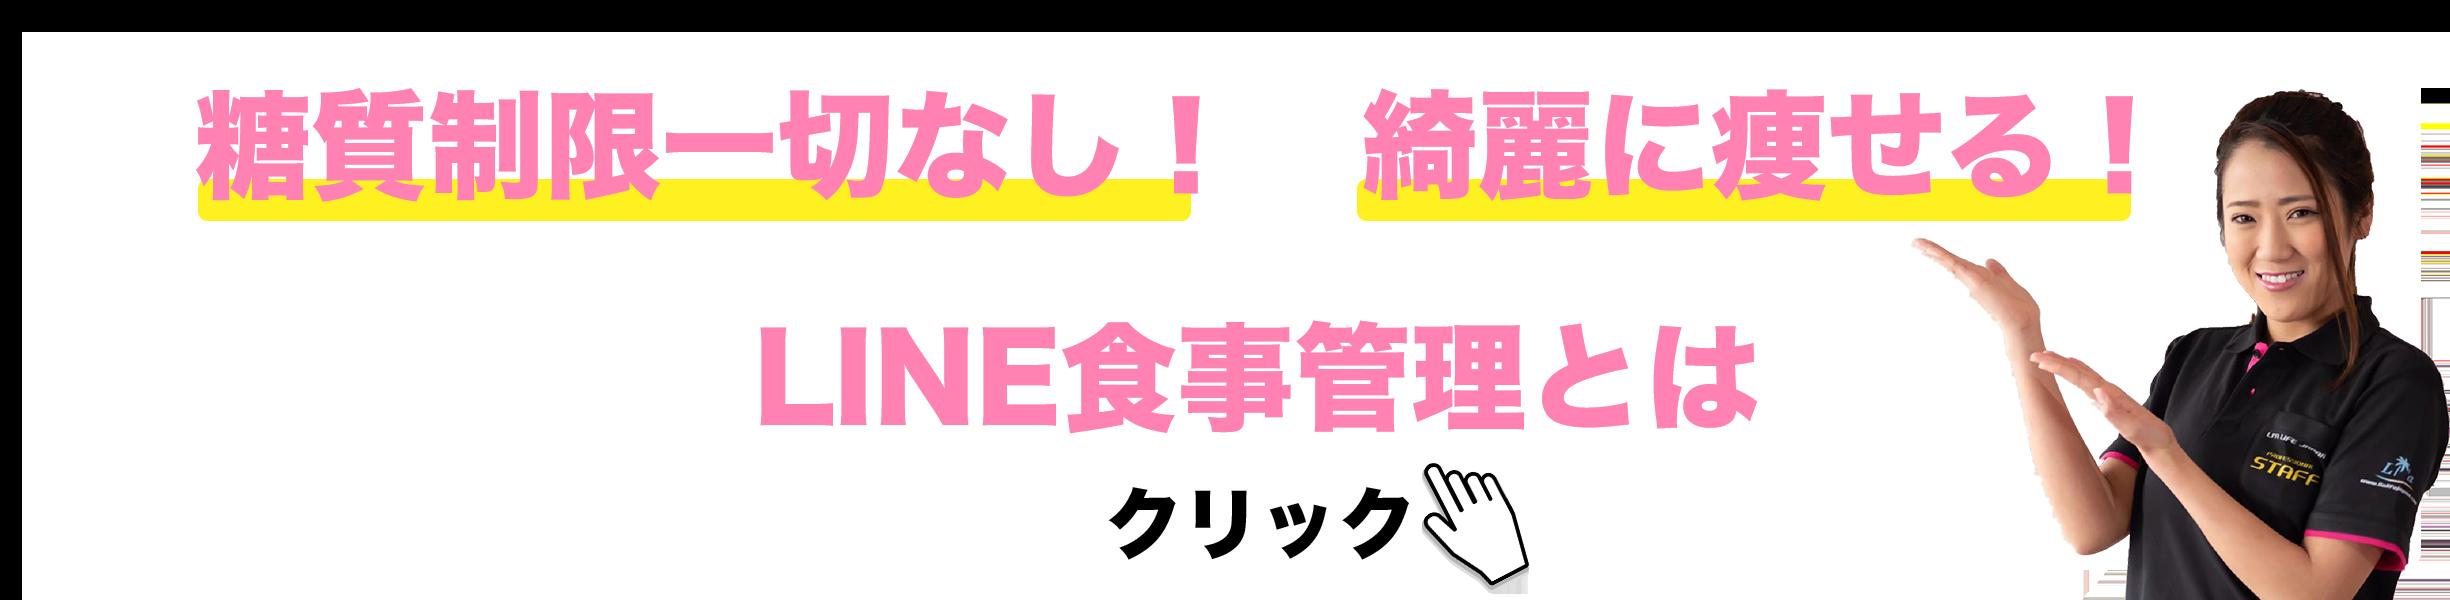 四日市パーソナルジム LINE食事管理 ダイエット専門店四日市店